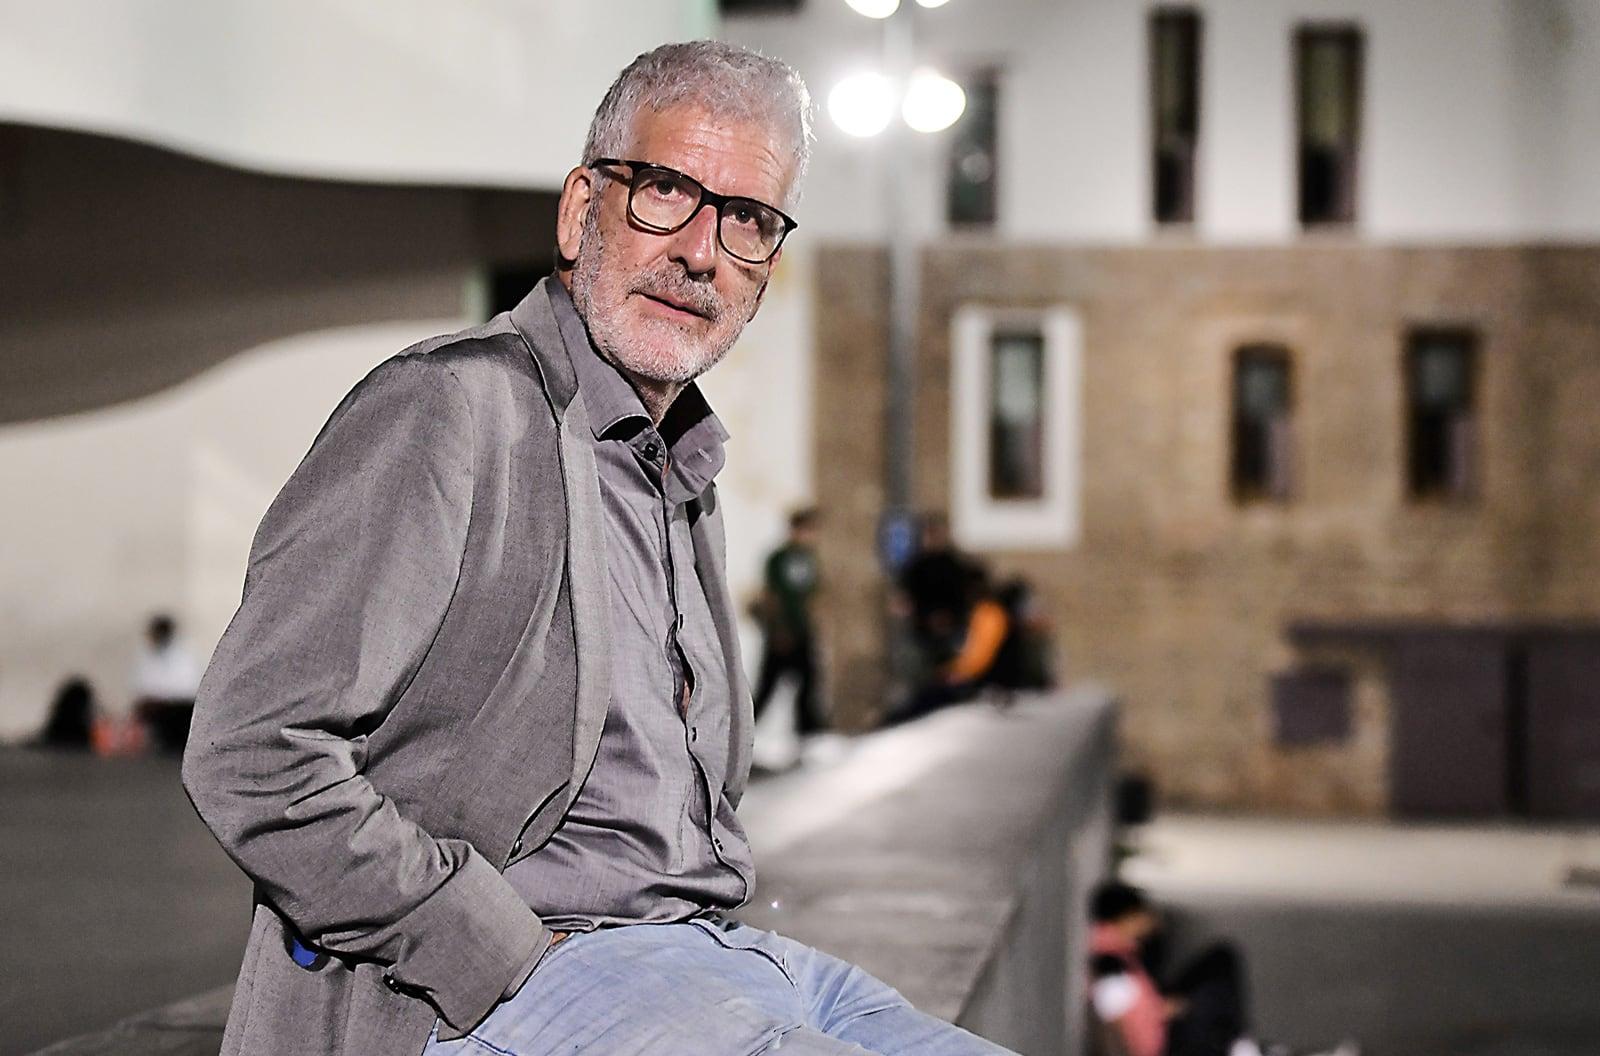 Gregorio Luri, l'octubre de 2020, al barri del Raval de Barcelona. Fotografia de Xavier Jubierre.